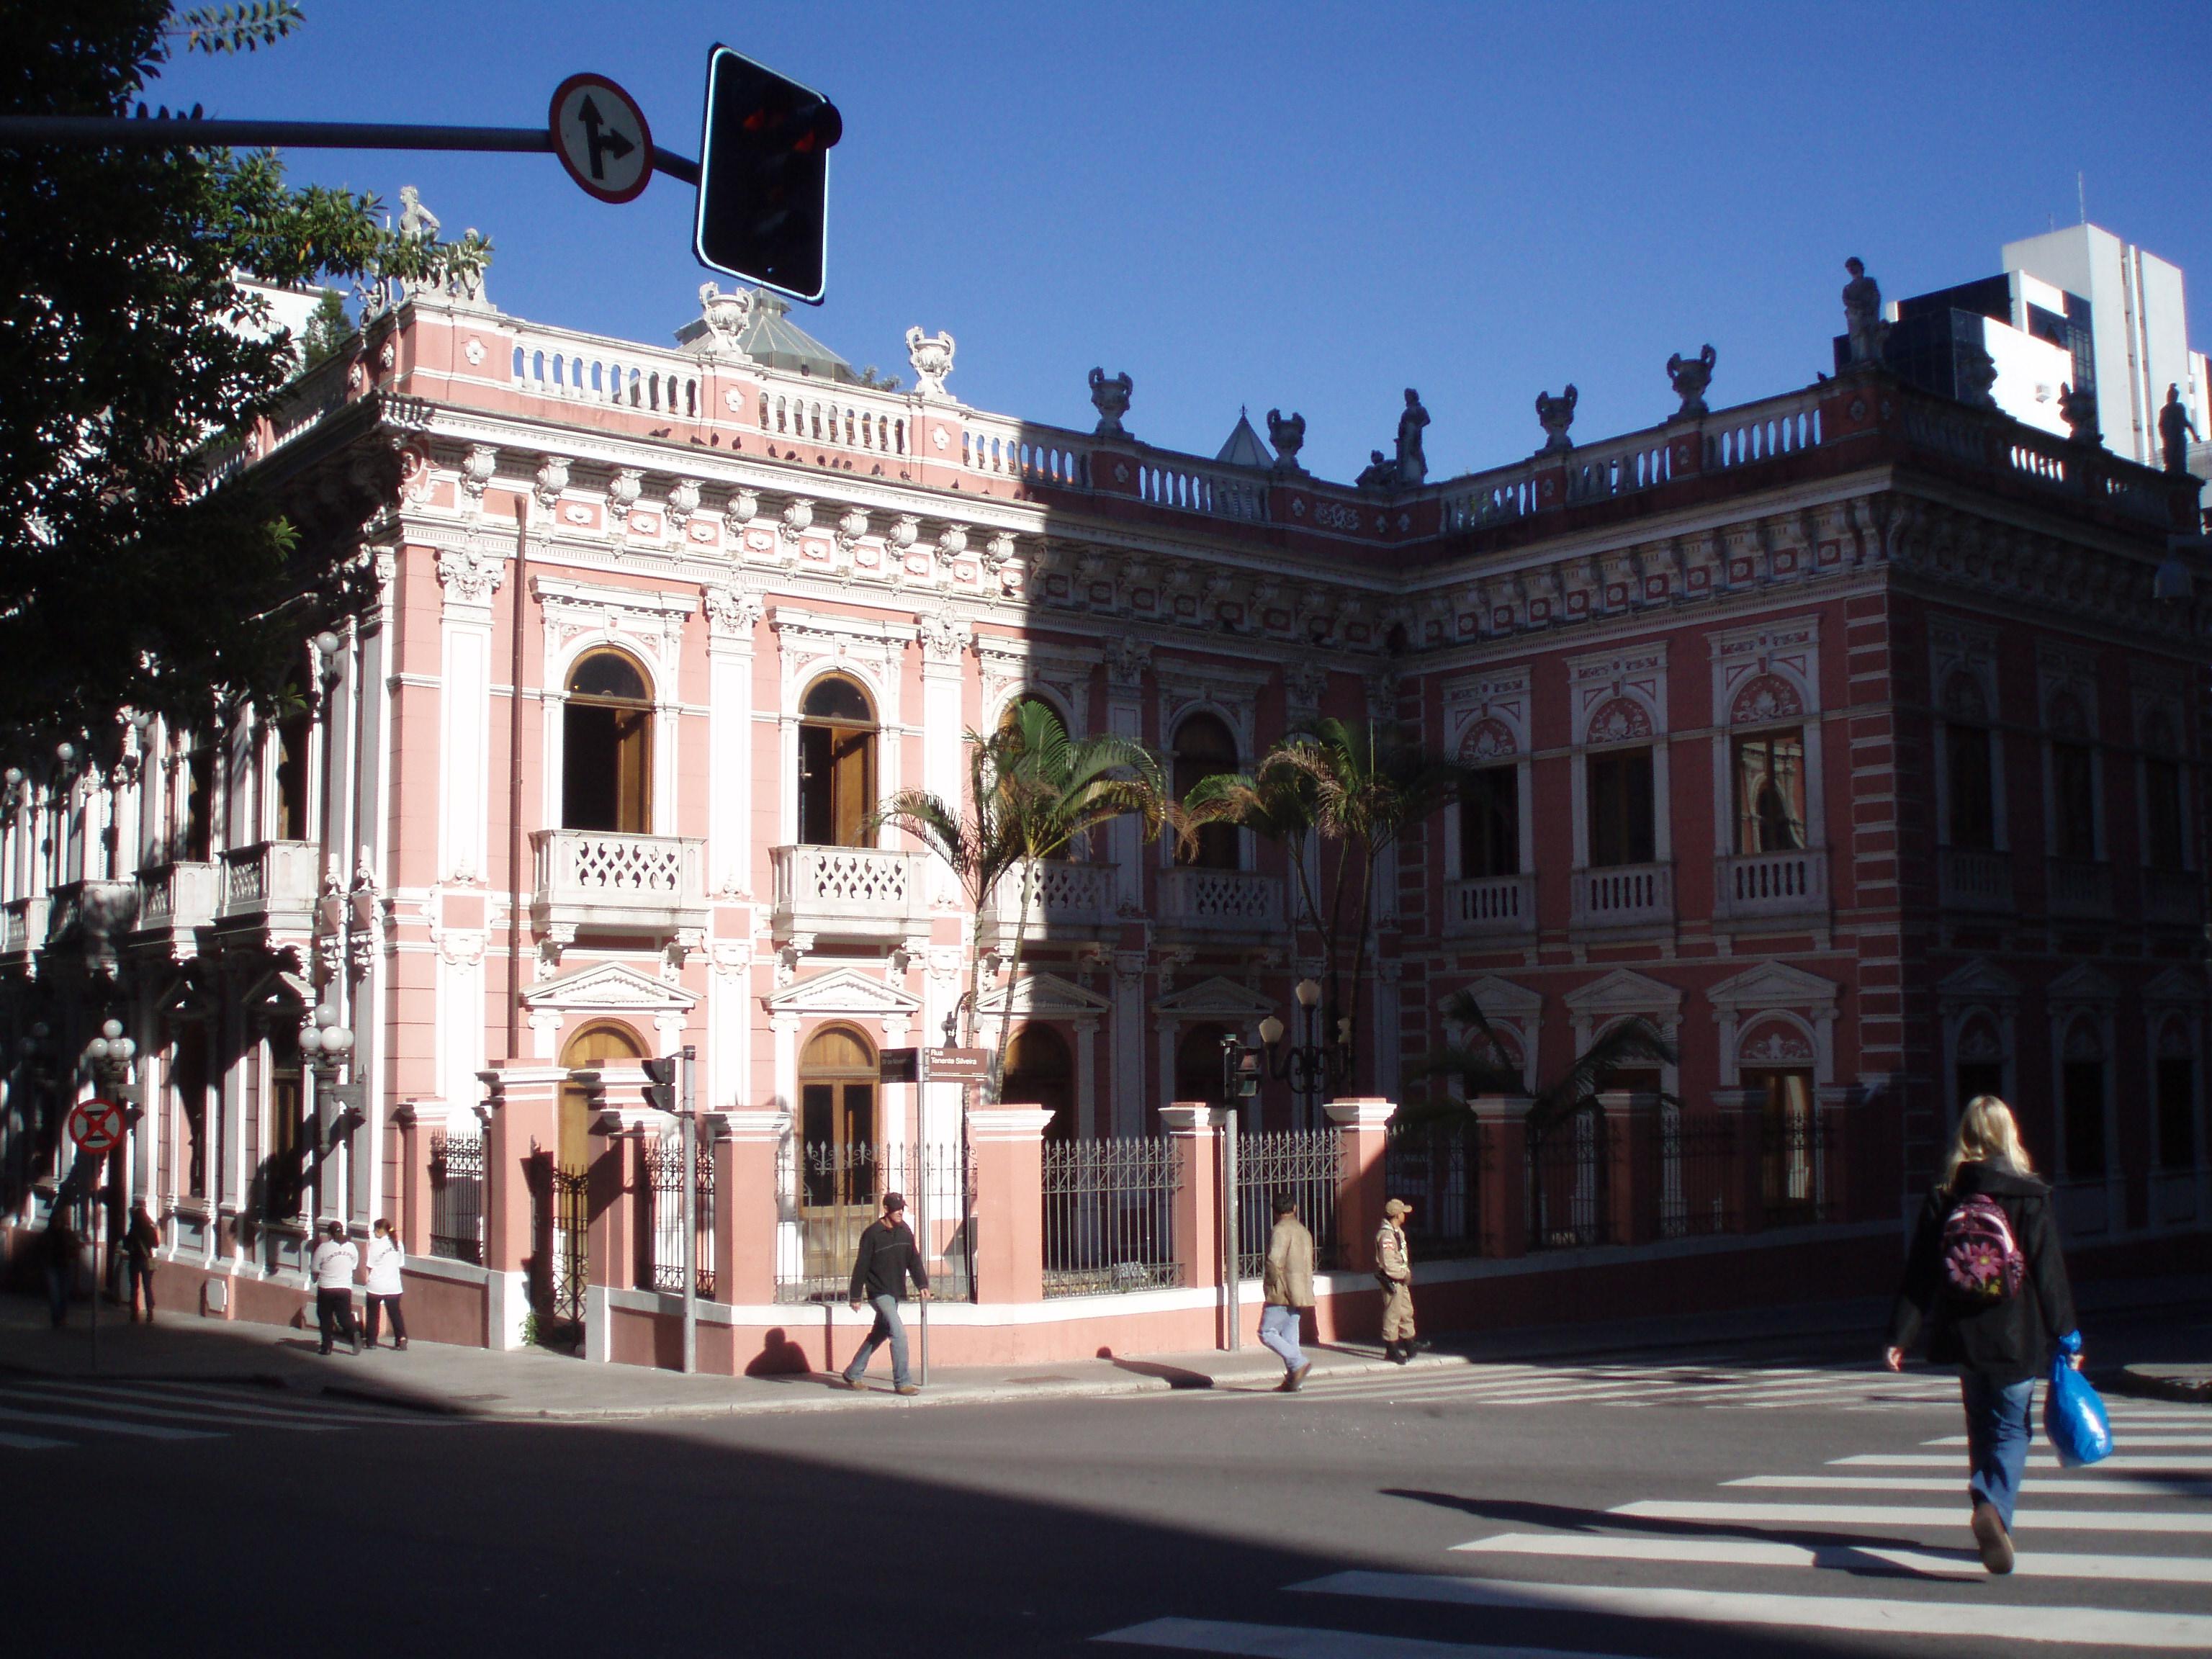 palácio museu cruz e sousa em florianopolis